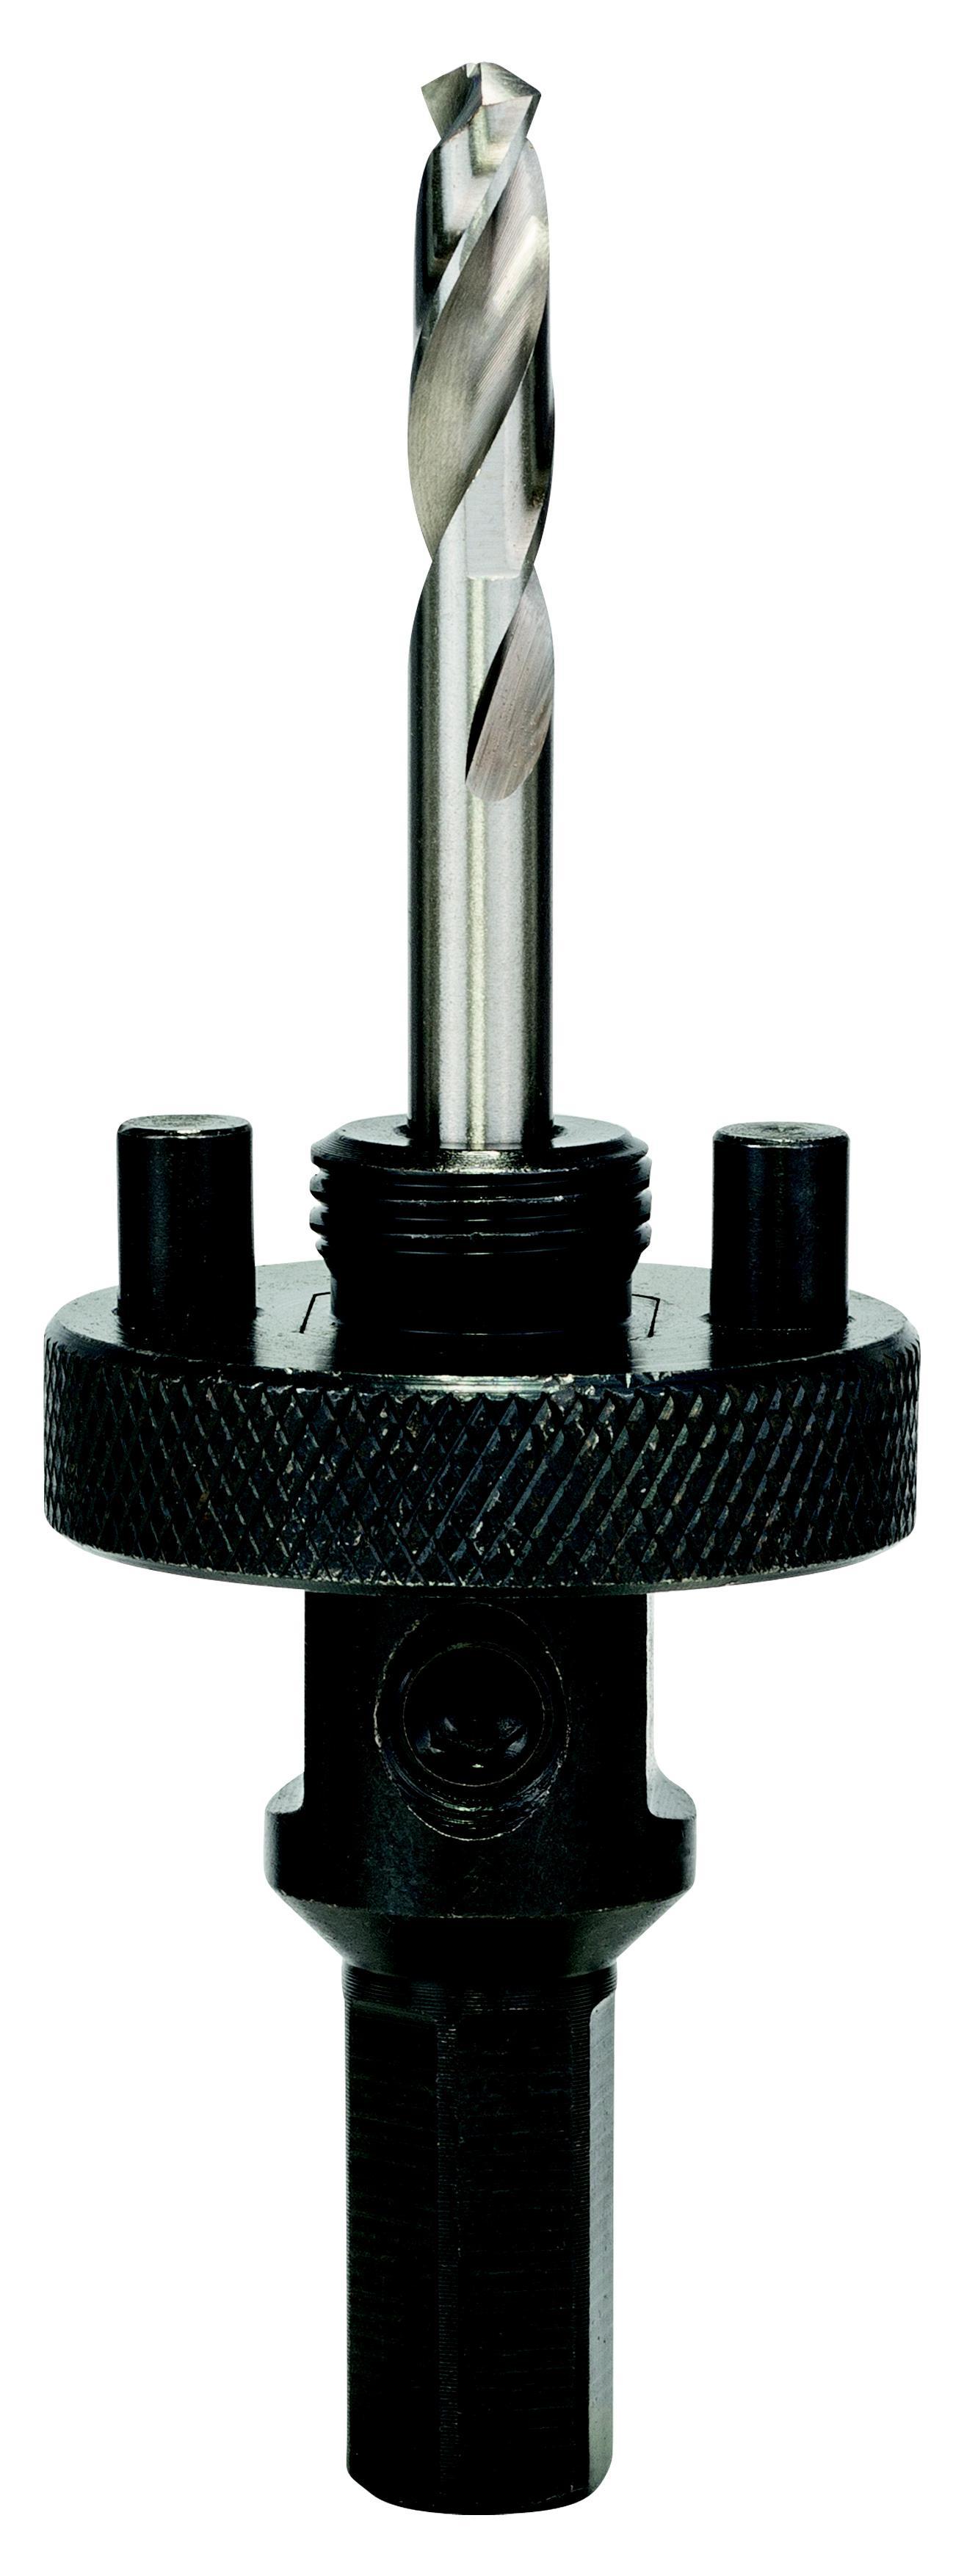 Картинка для Адаптер Bosch 11 мм (2.609.390.034)